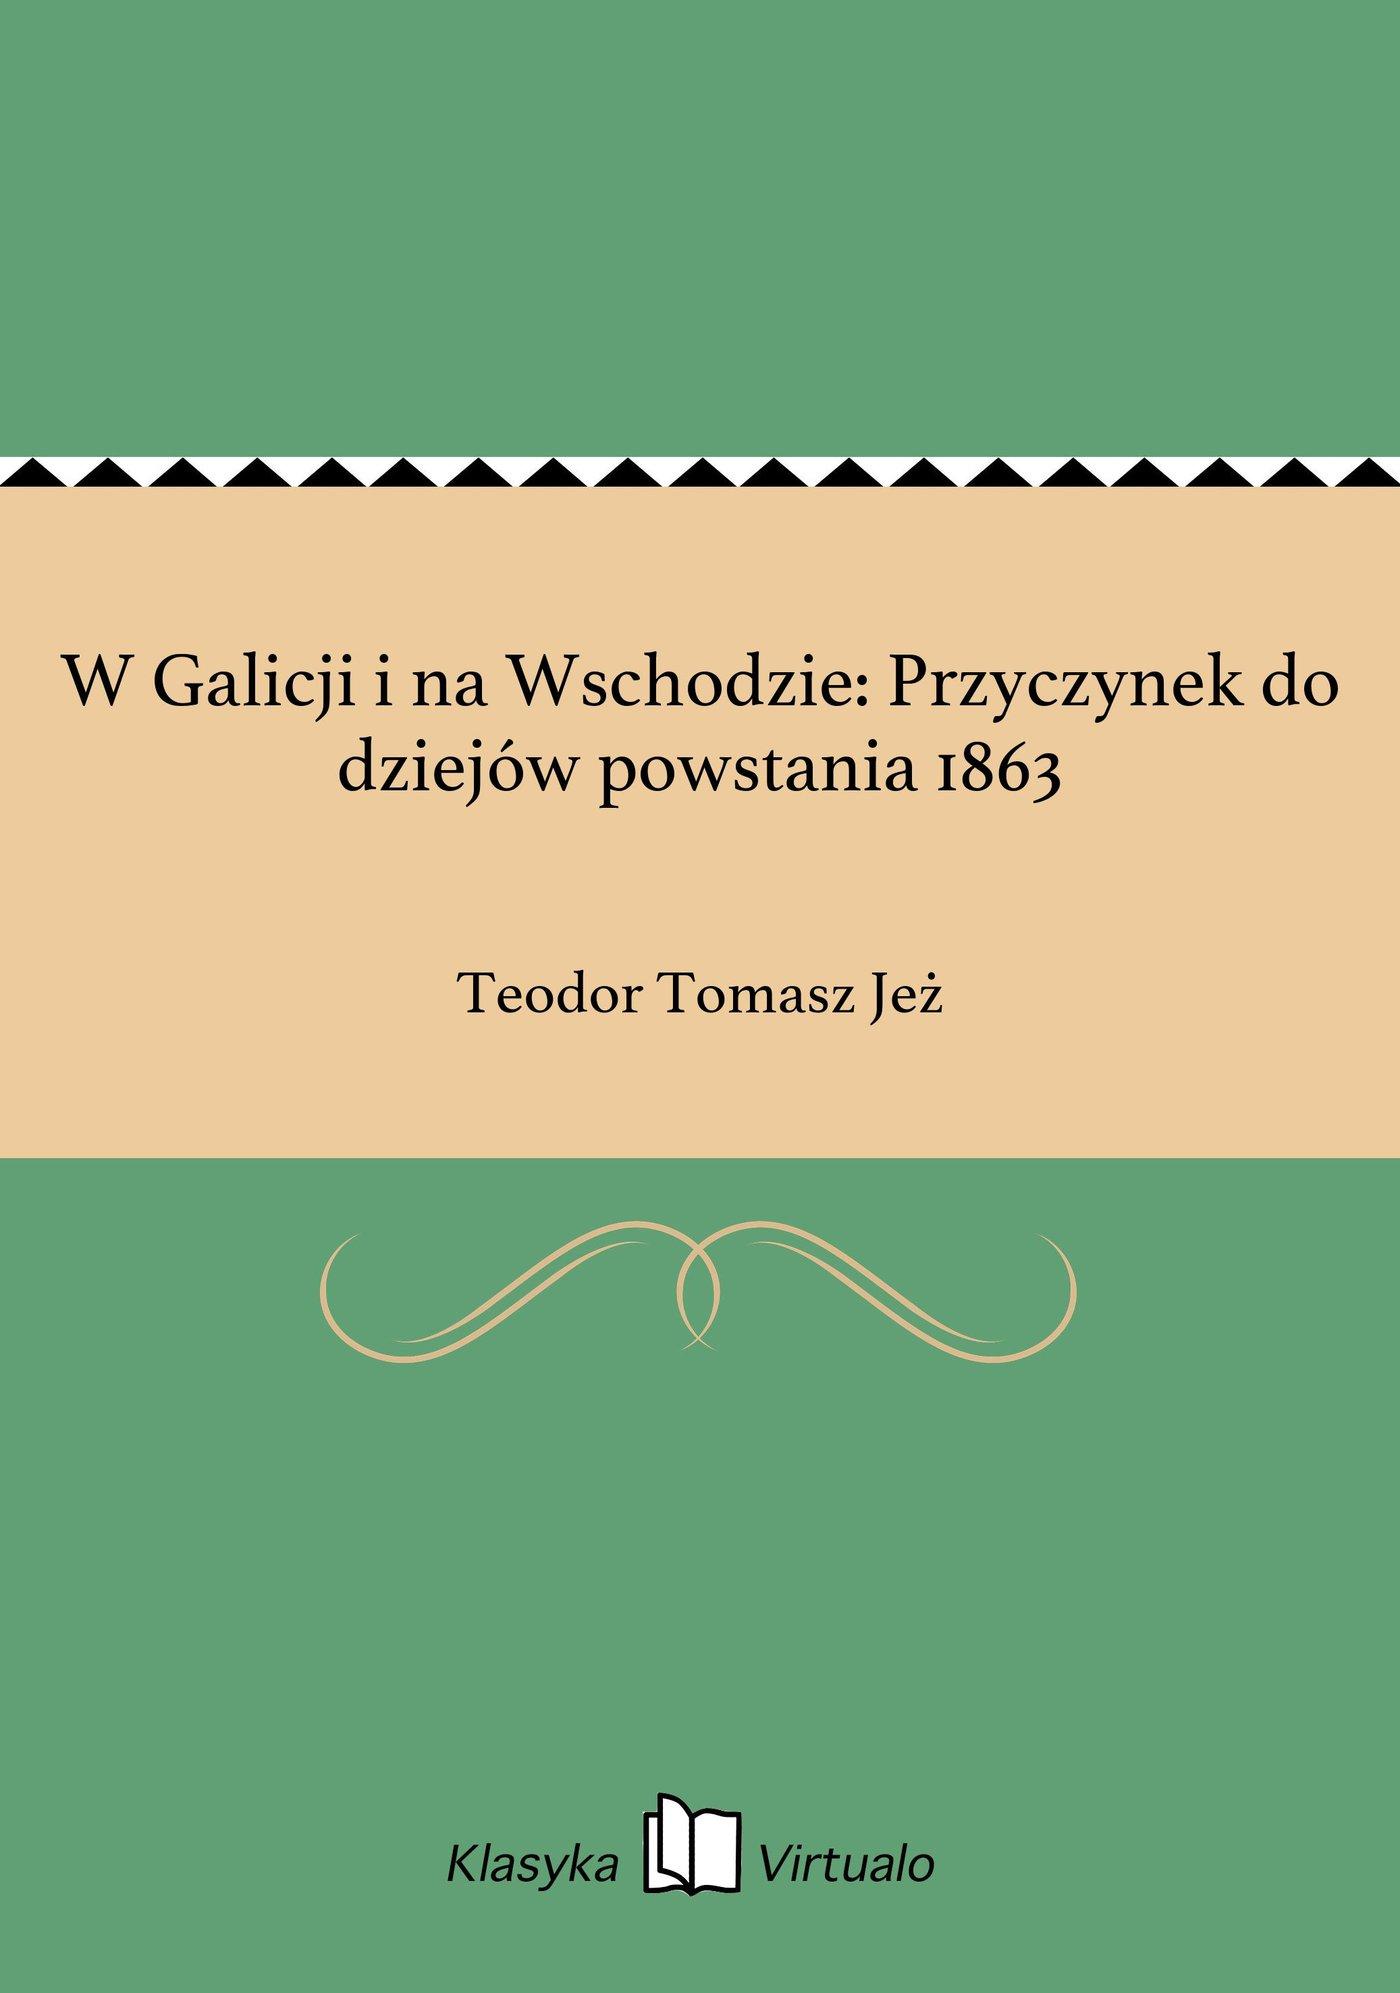 W Galicji i na Wschodzie: Przyczynek do dziejów powstania 1863 - Ebook (Książka na Kindle) do pobrania w formacie MOBI